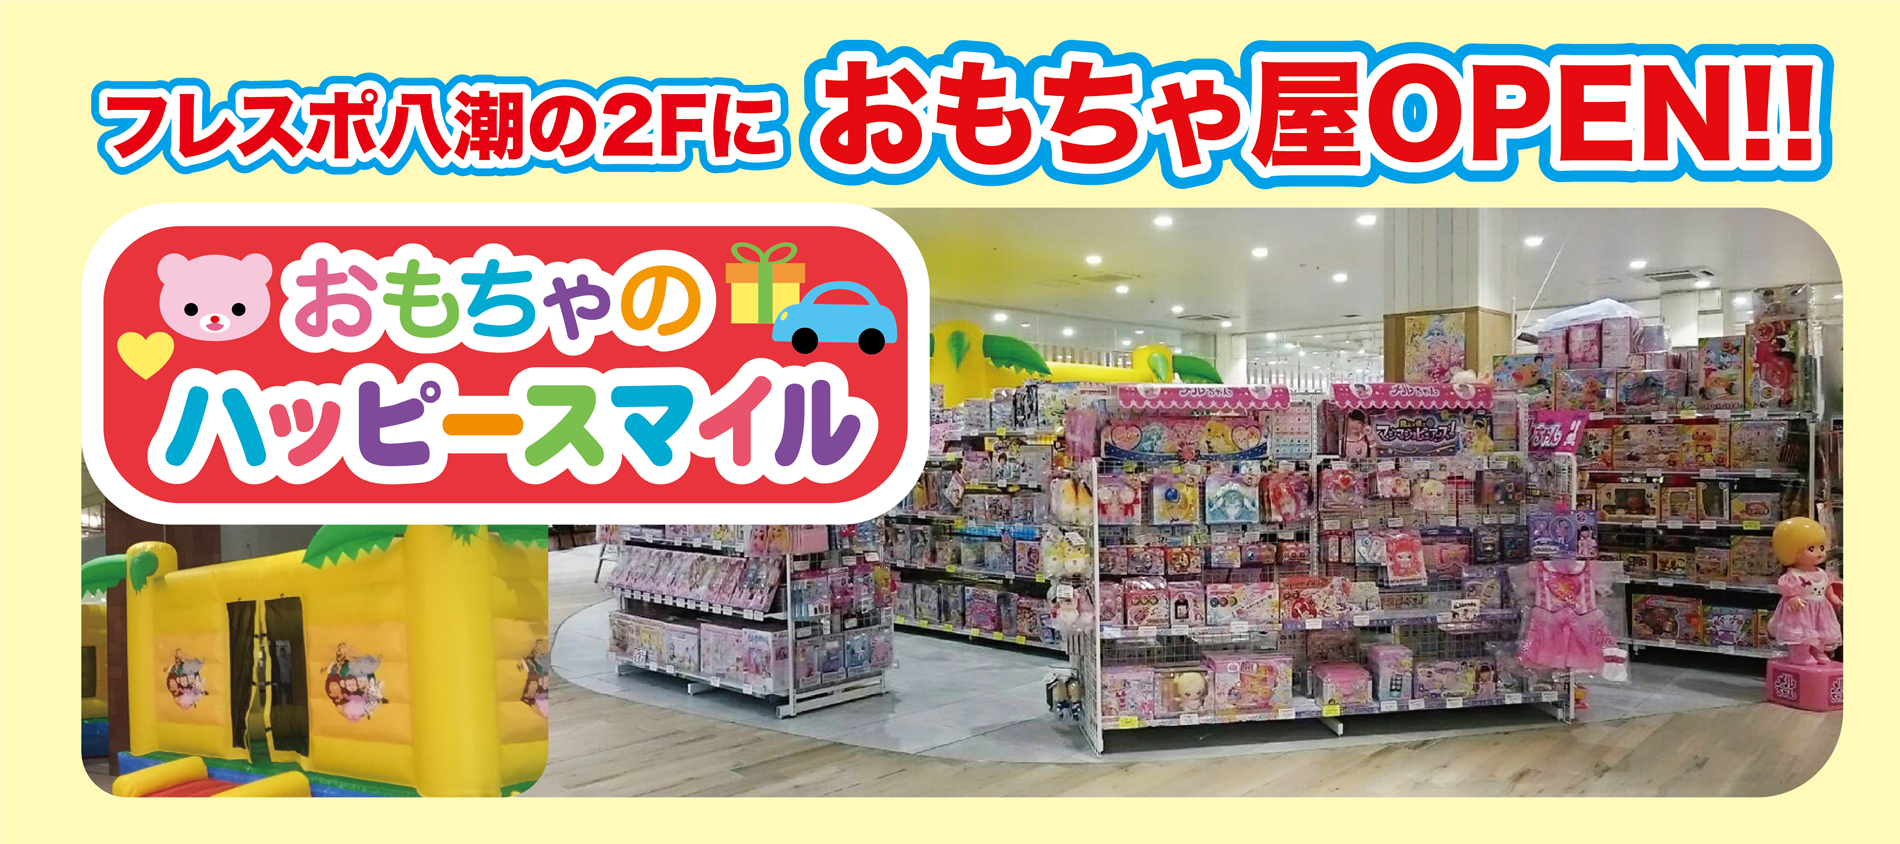 フレスポ八潮の2Fにおもちゃ屋オープン!